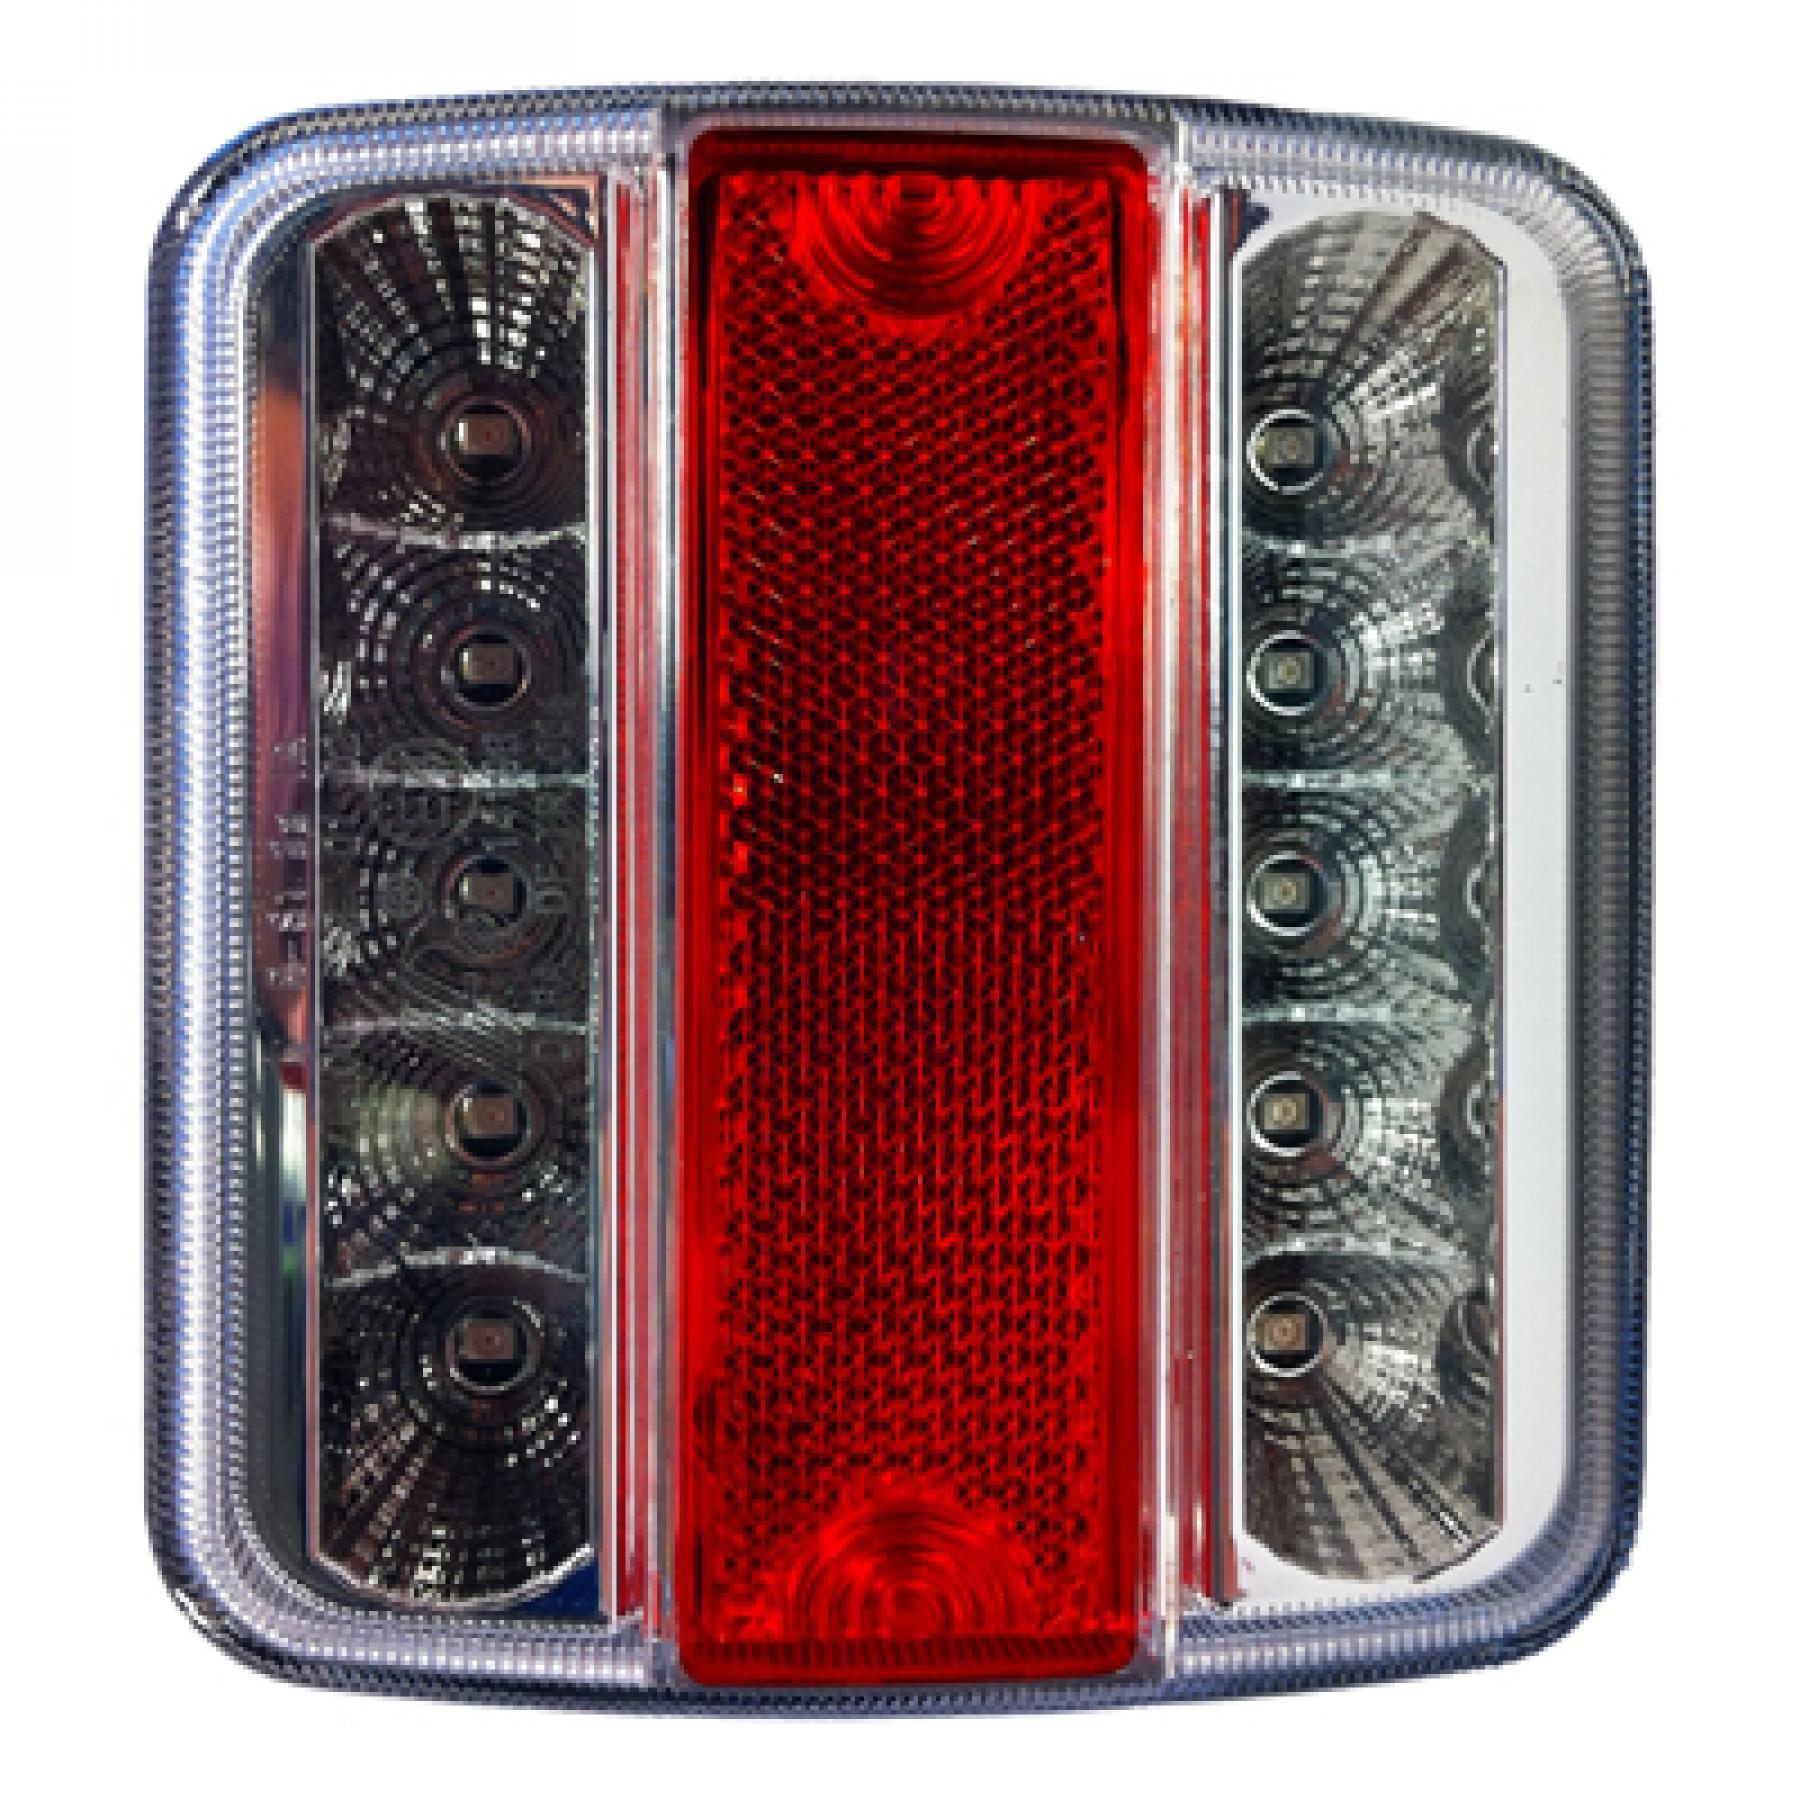 LED Achterlicht 12v wit/rood/wit